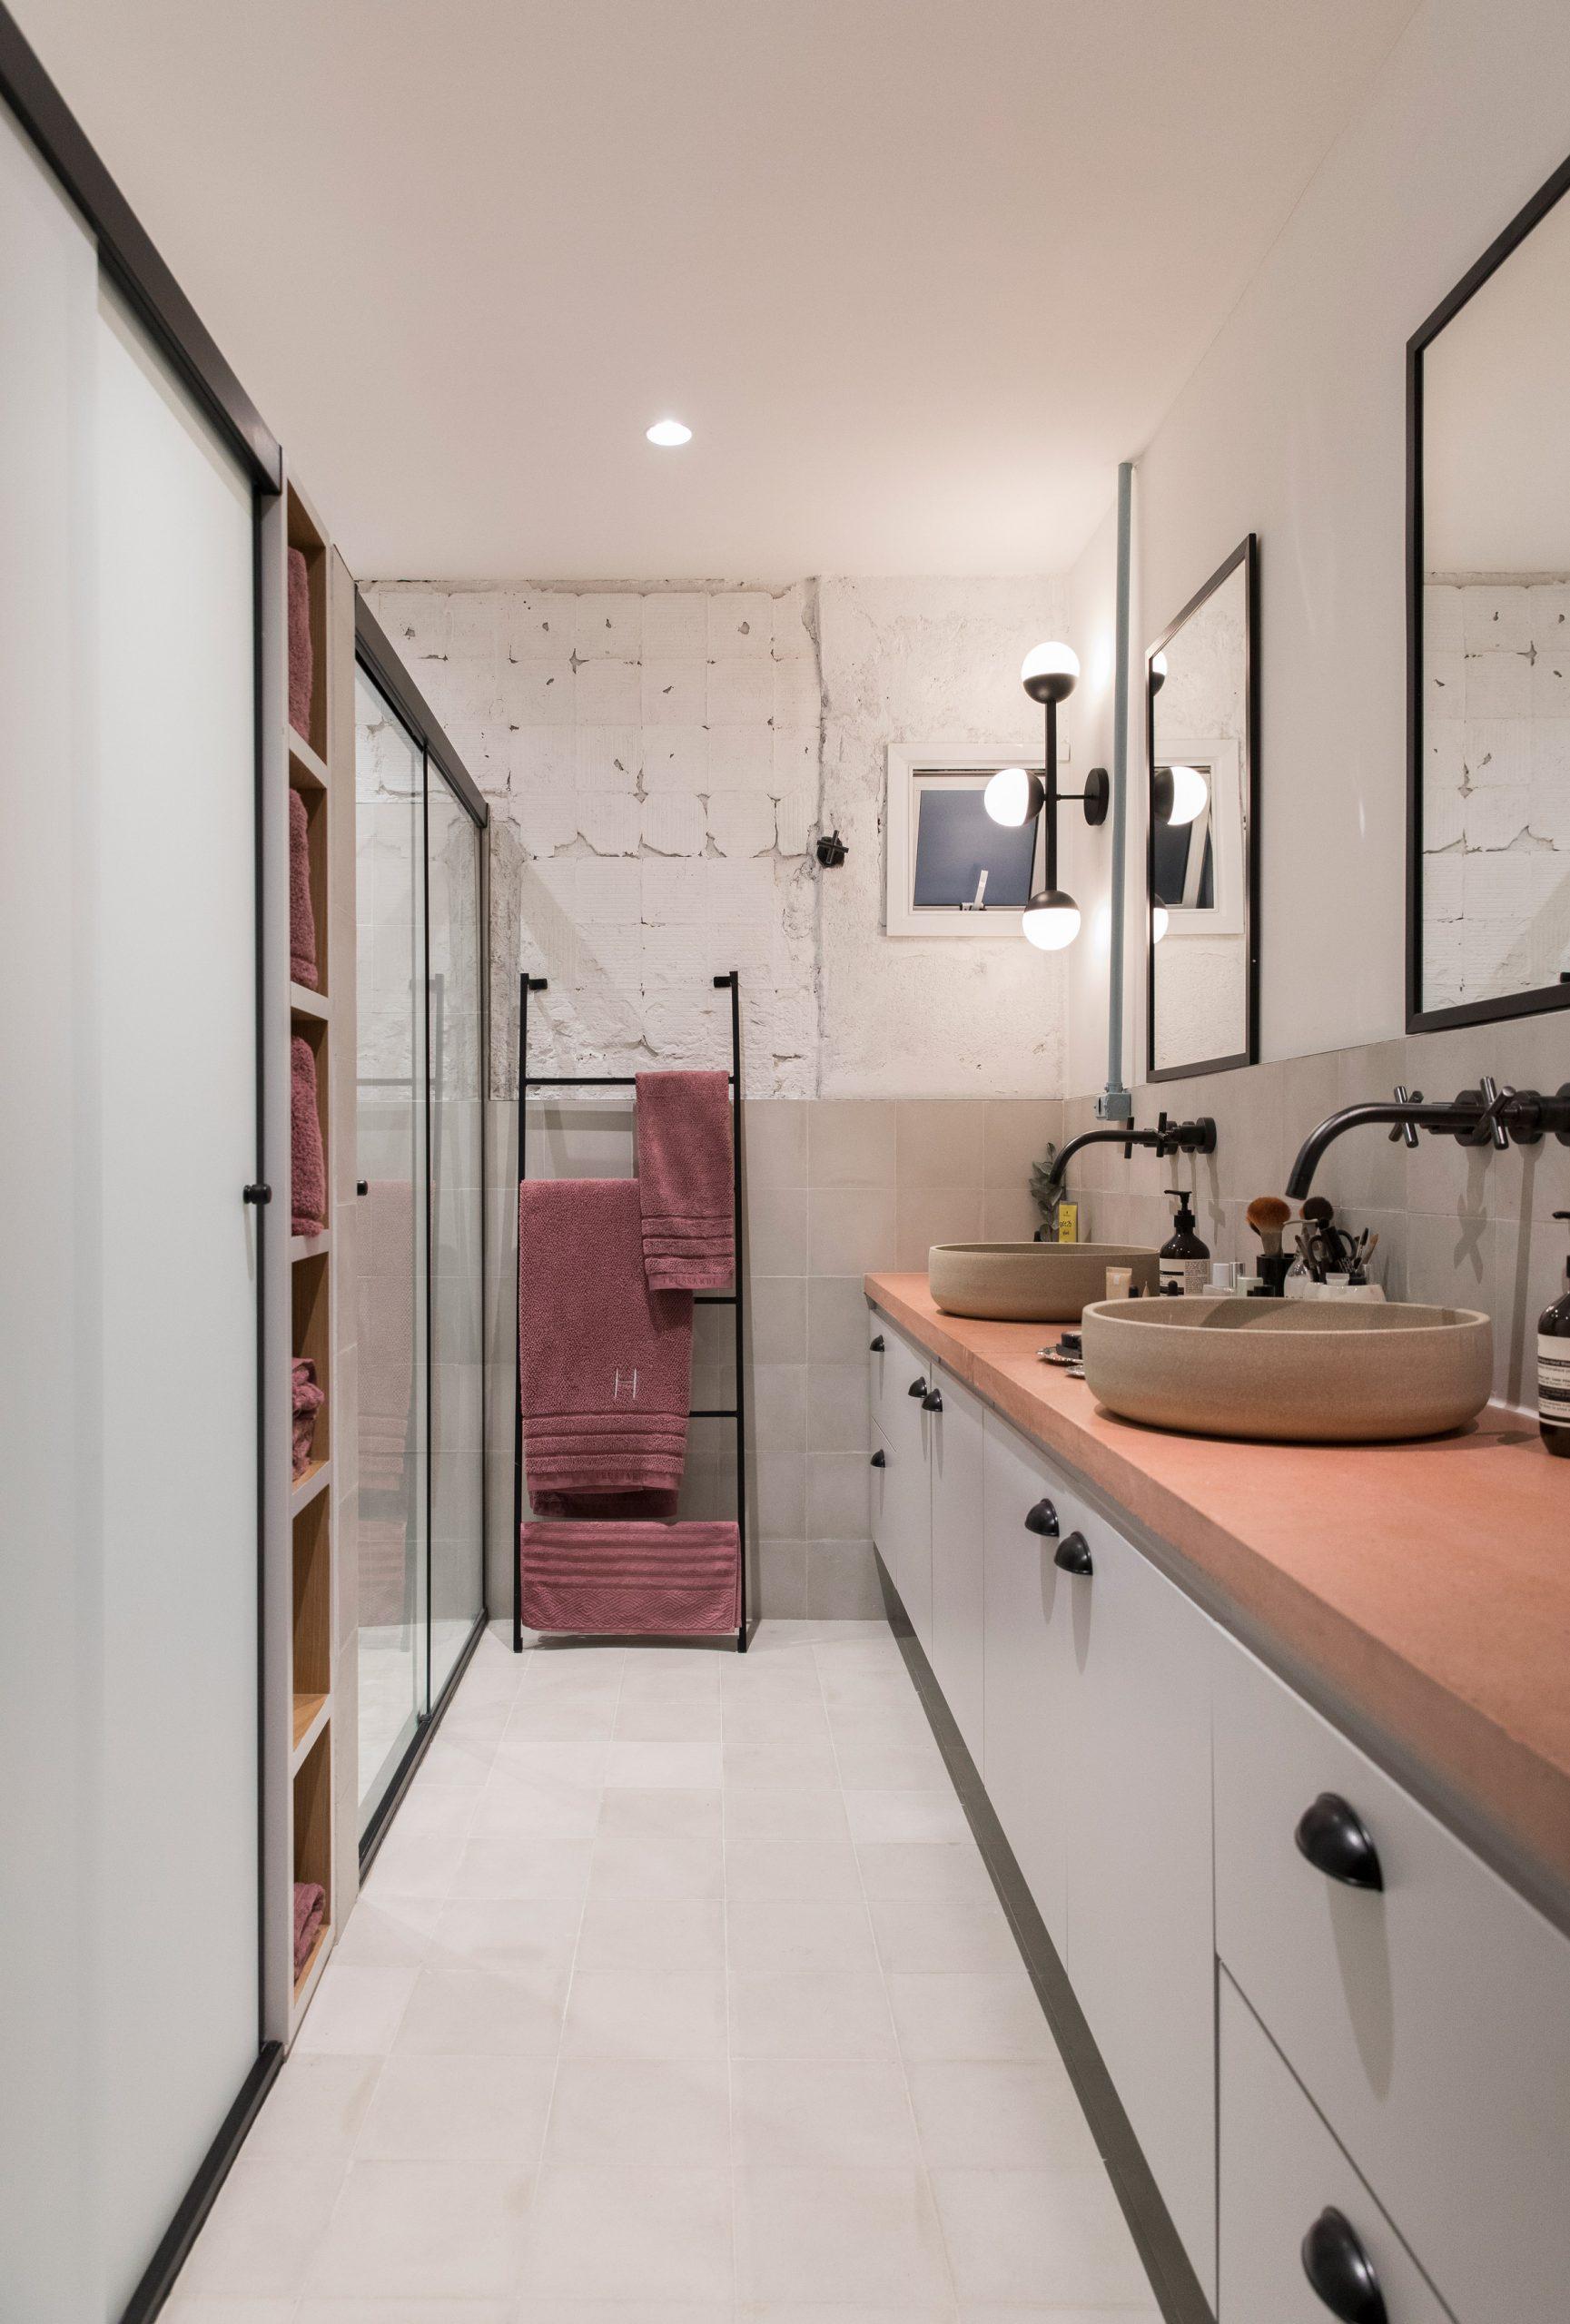 Thiết kế nội thất căn hộ 3 phòng ngủ 7